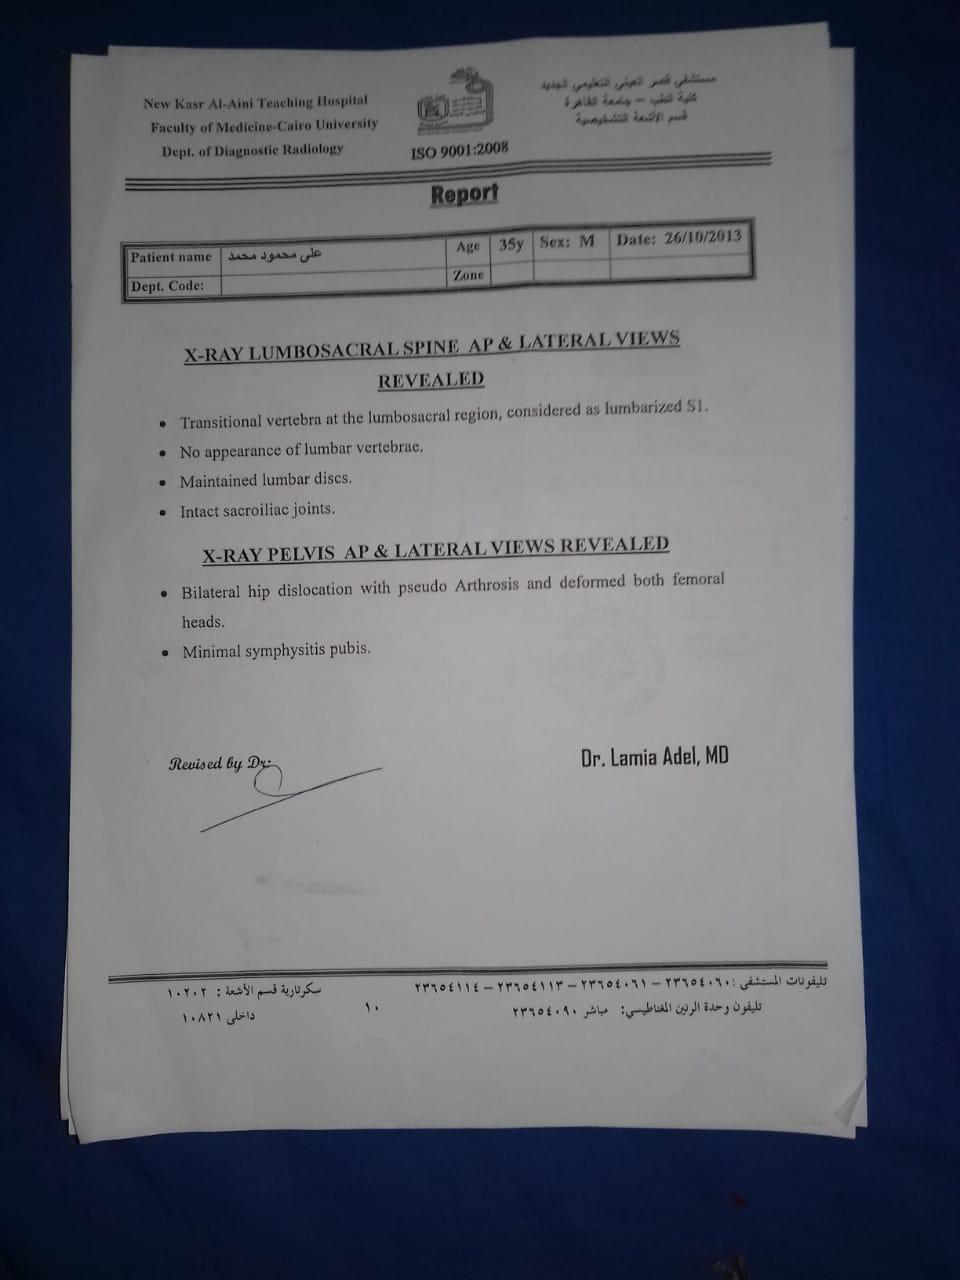 شهادات وتقارير طبية تثبت اصابة الحالة (7)